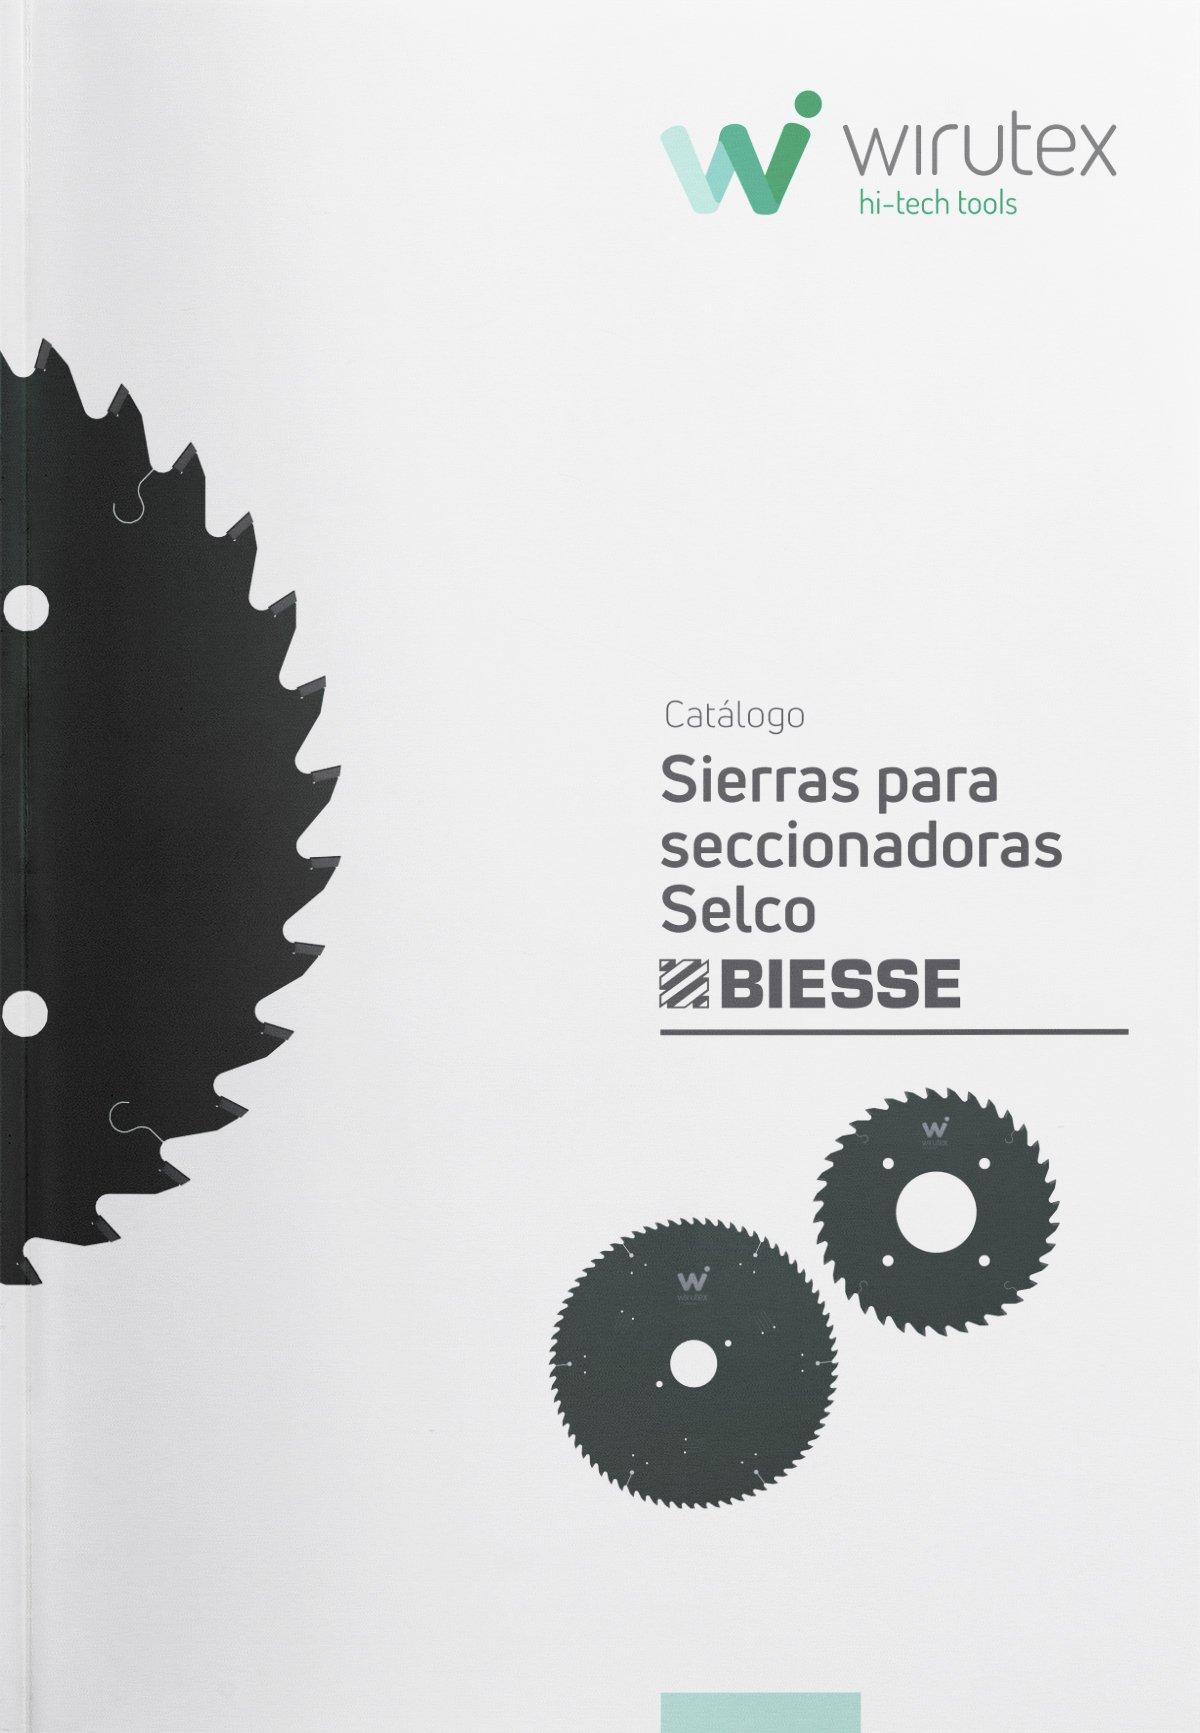 Wirutex_Sierras-para-Selco-Biesse_feb20_SPA